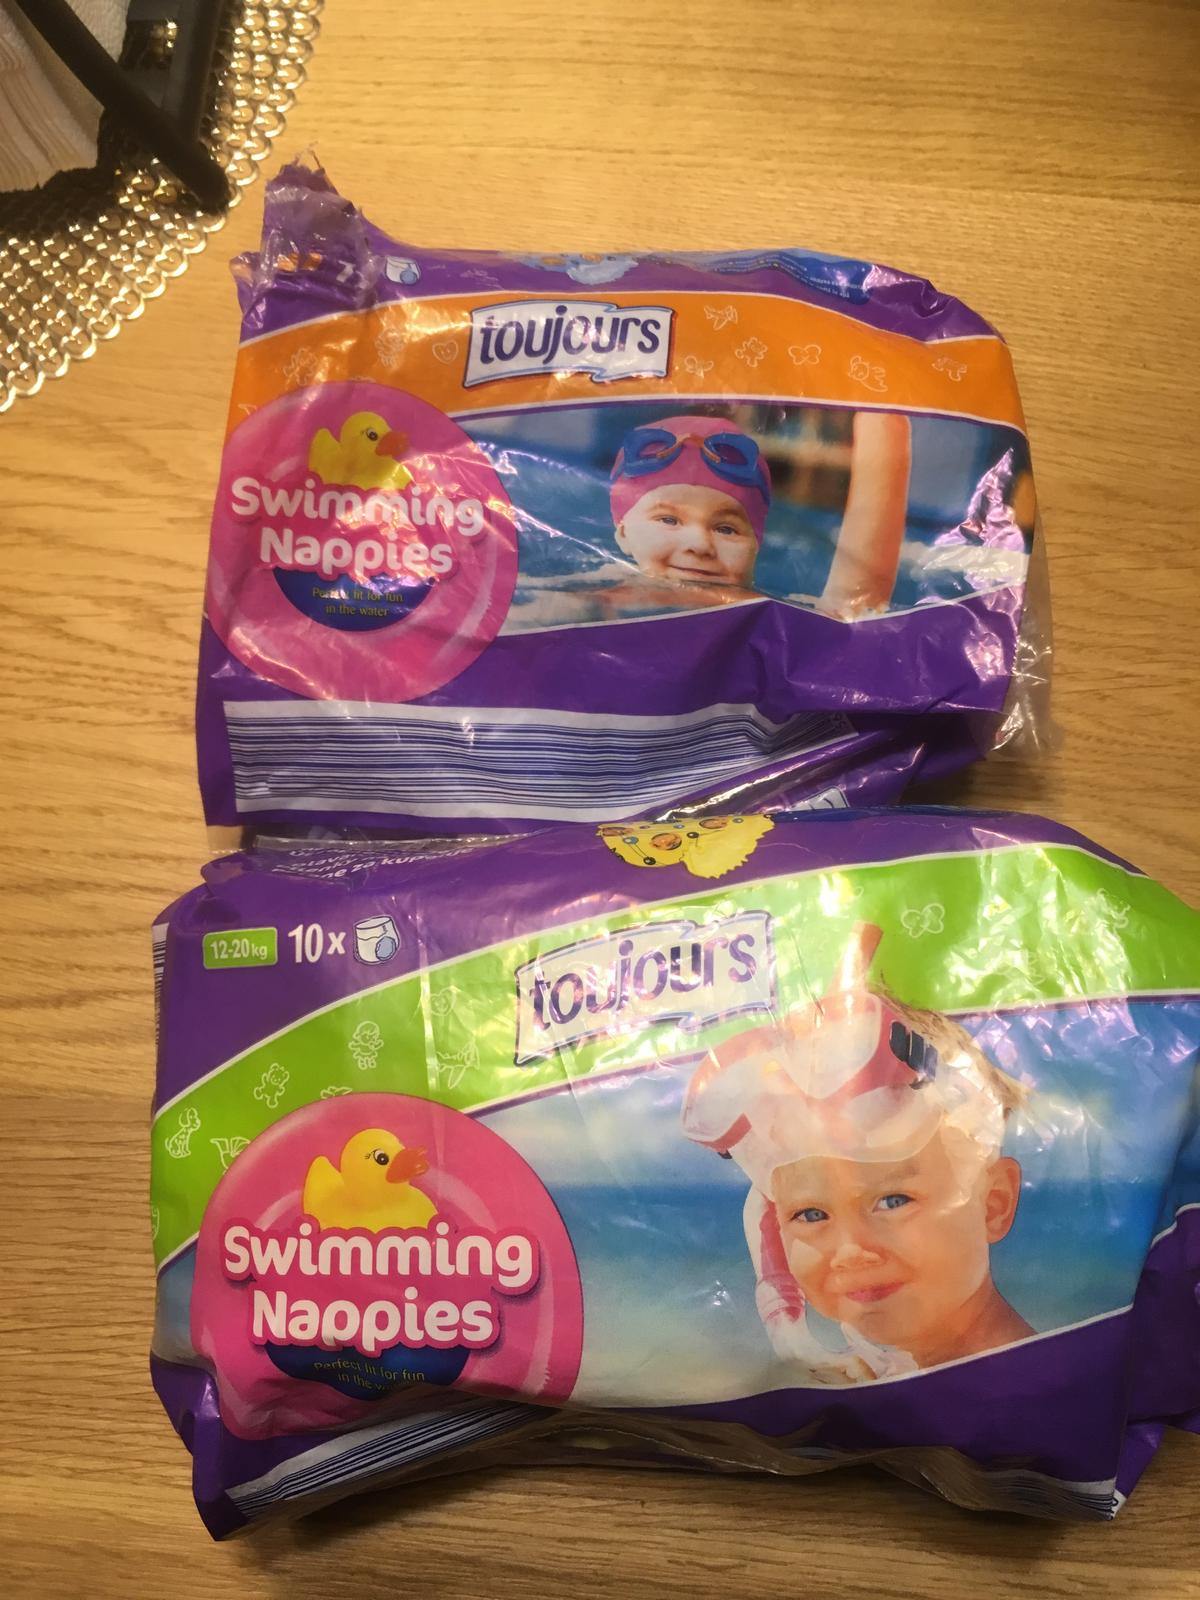 2e15ee2c3 Detské plienky do vody na kúpanie, toujours,11 kg - 25 kg - 3,50 € od  predávajúcej sssima111 | Detský bazár | ModryKonik.sk